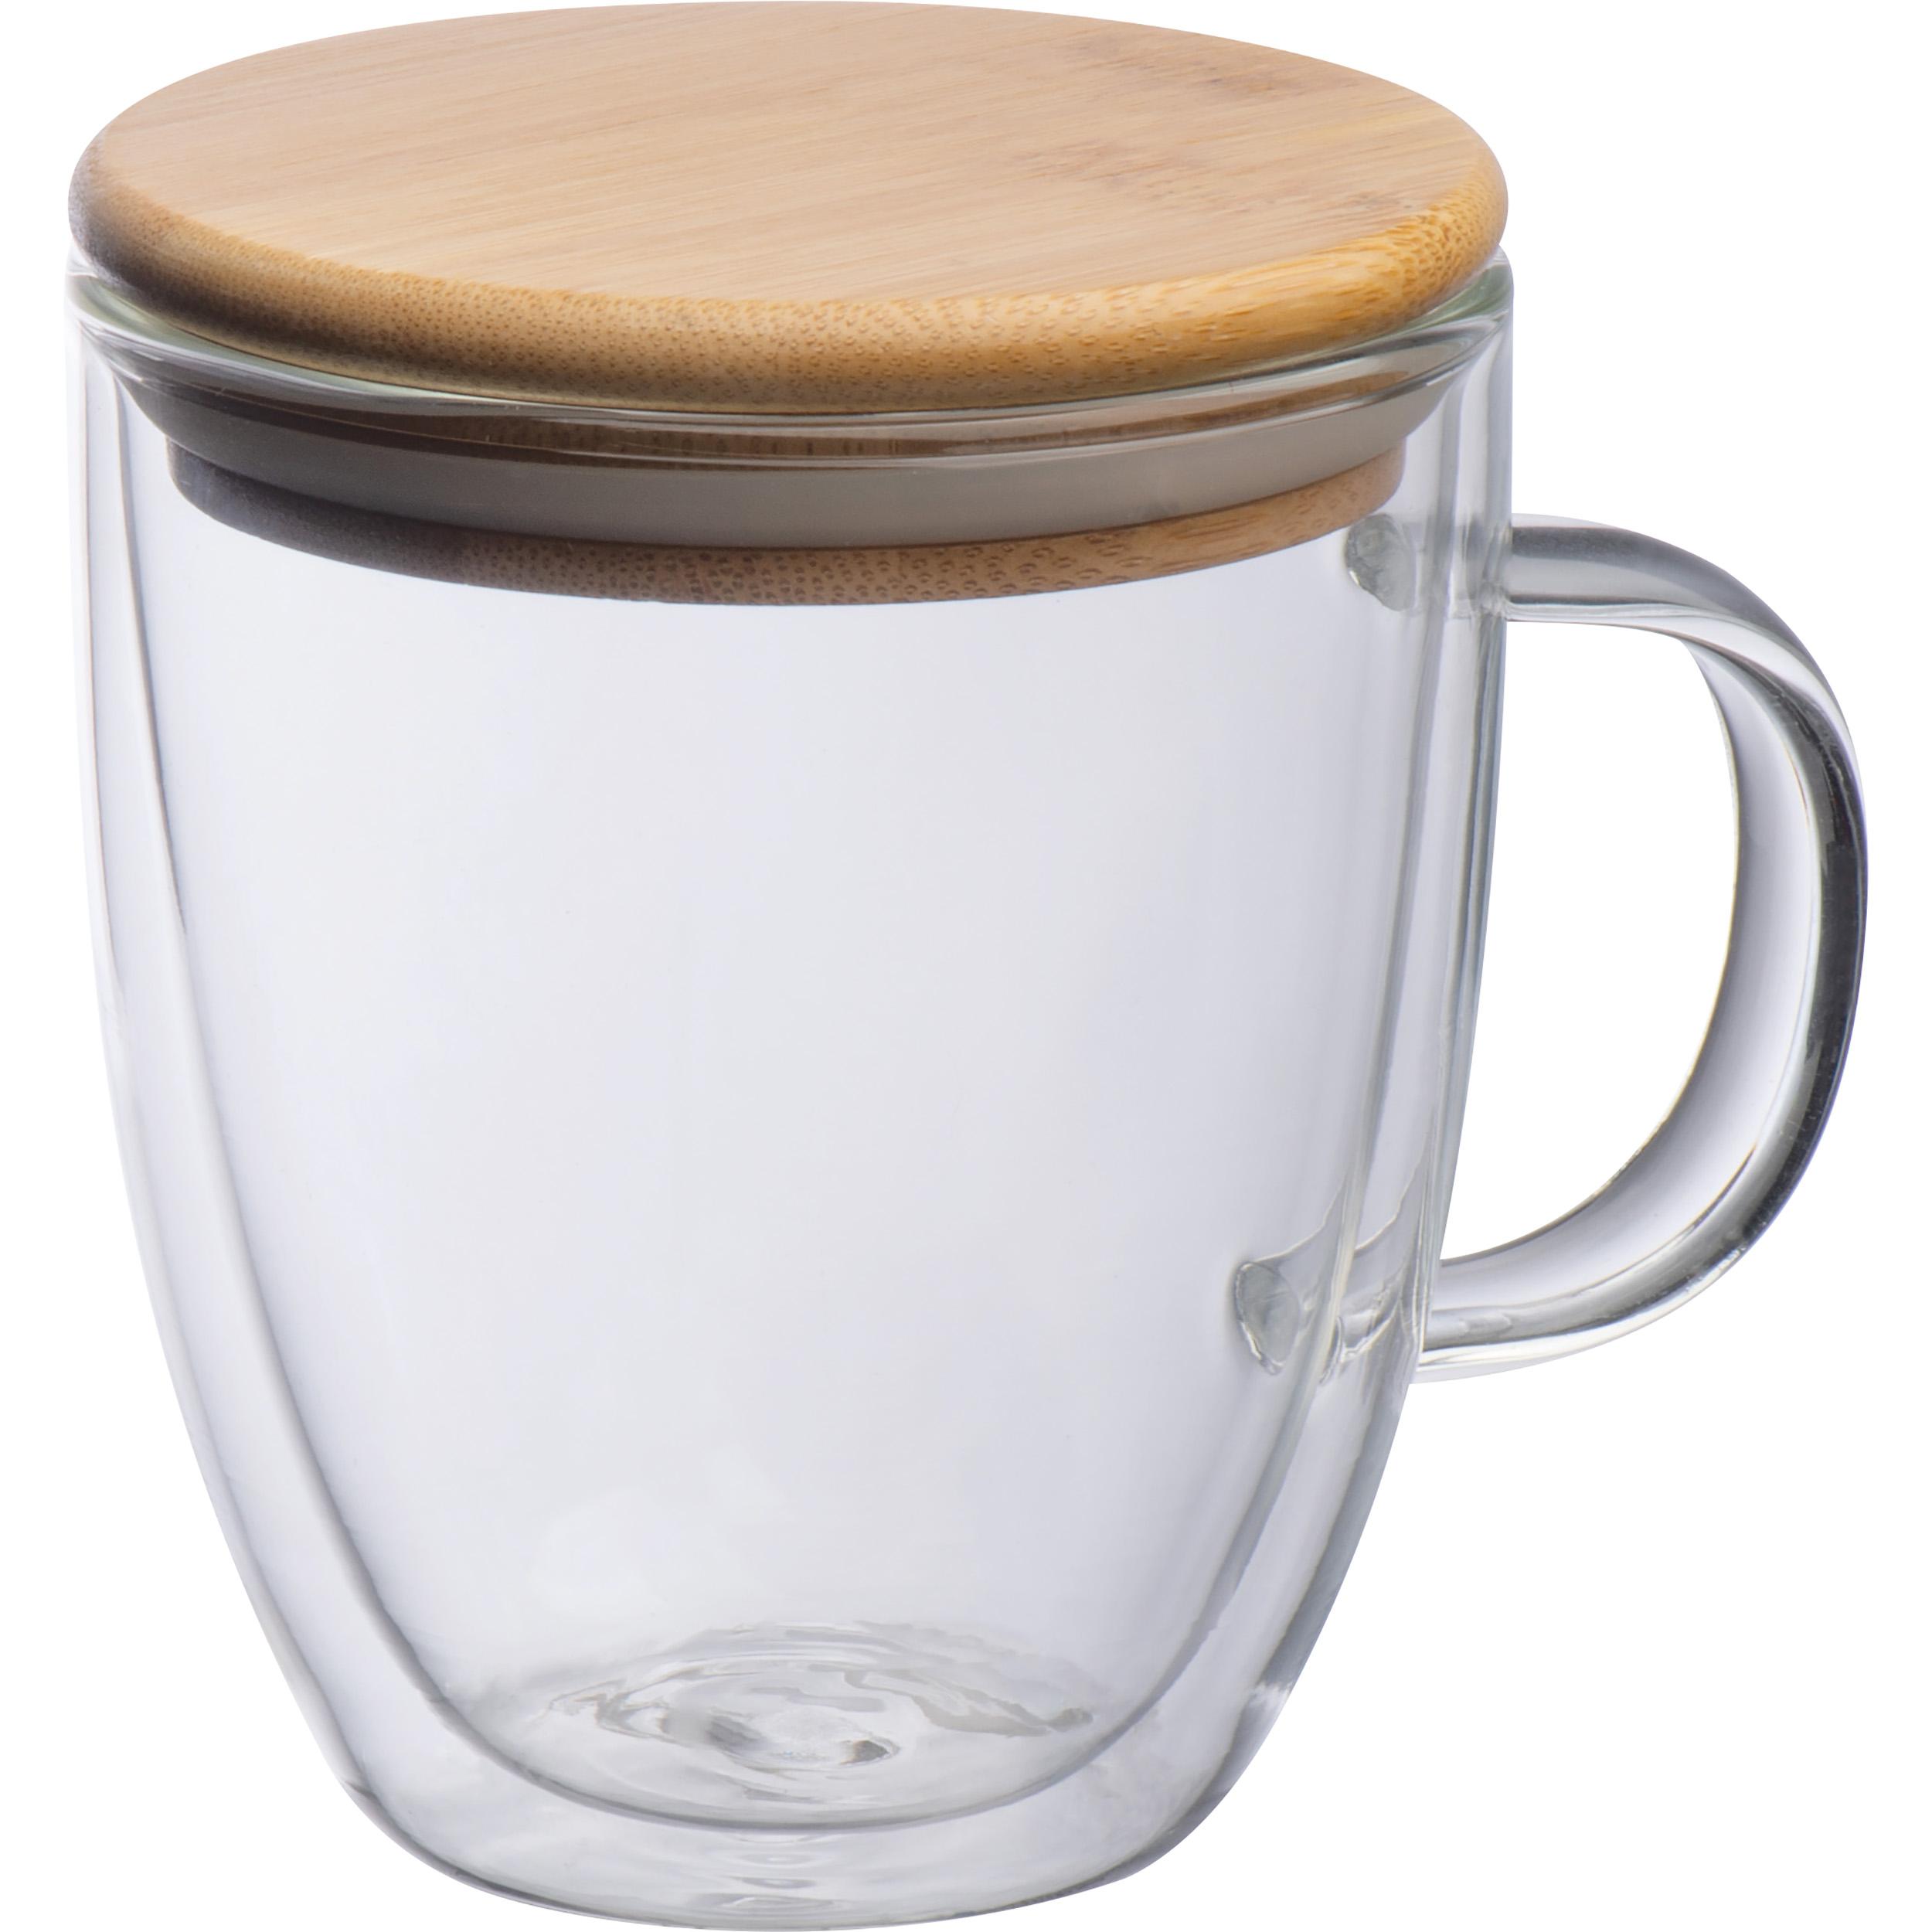 Doppelwandiges Glas mit Griff und einem Füllvermögen von 350 ml